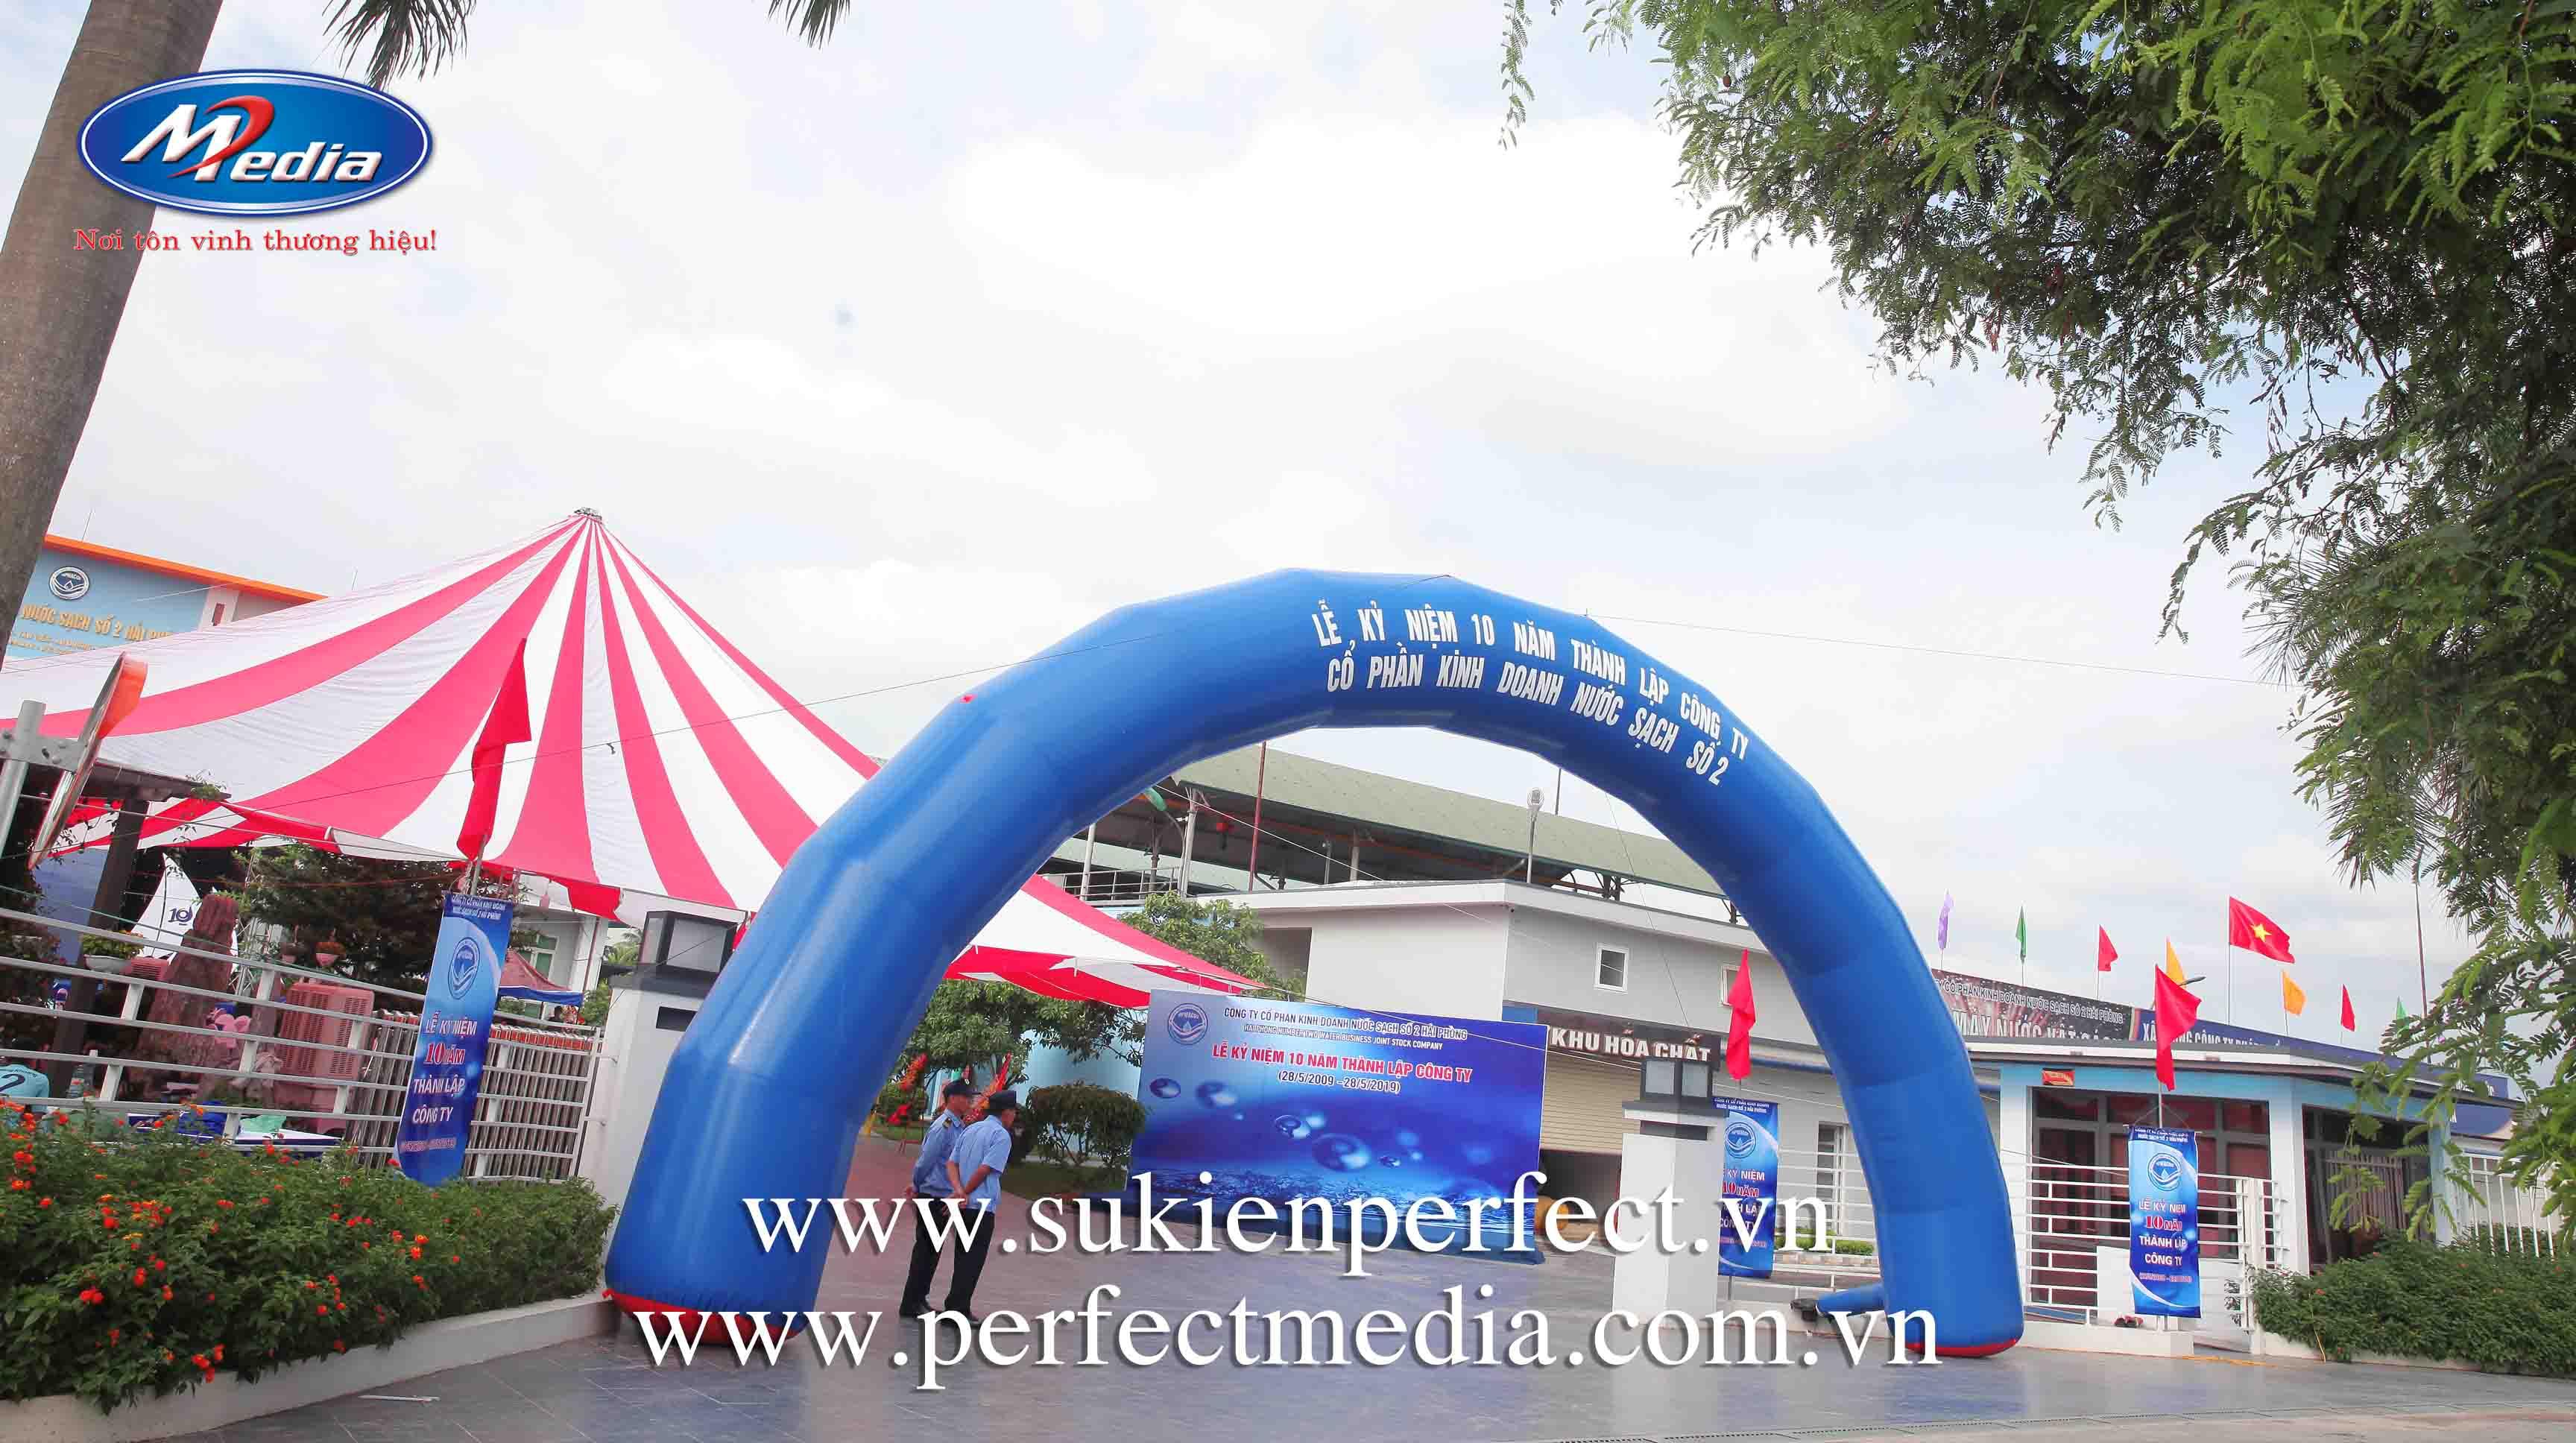 Lễ kỷ niệm 10 năm thành lập công ty Nước sạch số 2 Hải Phòng2